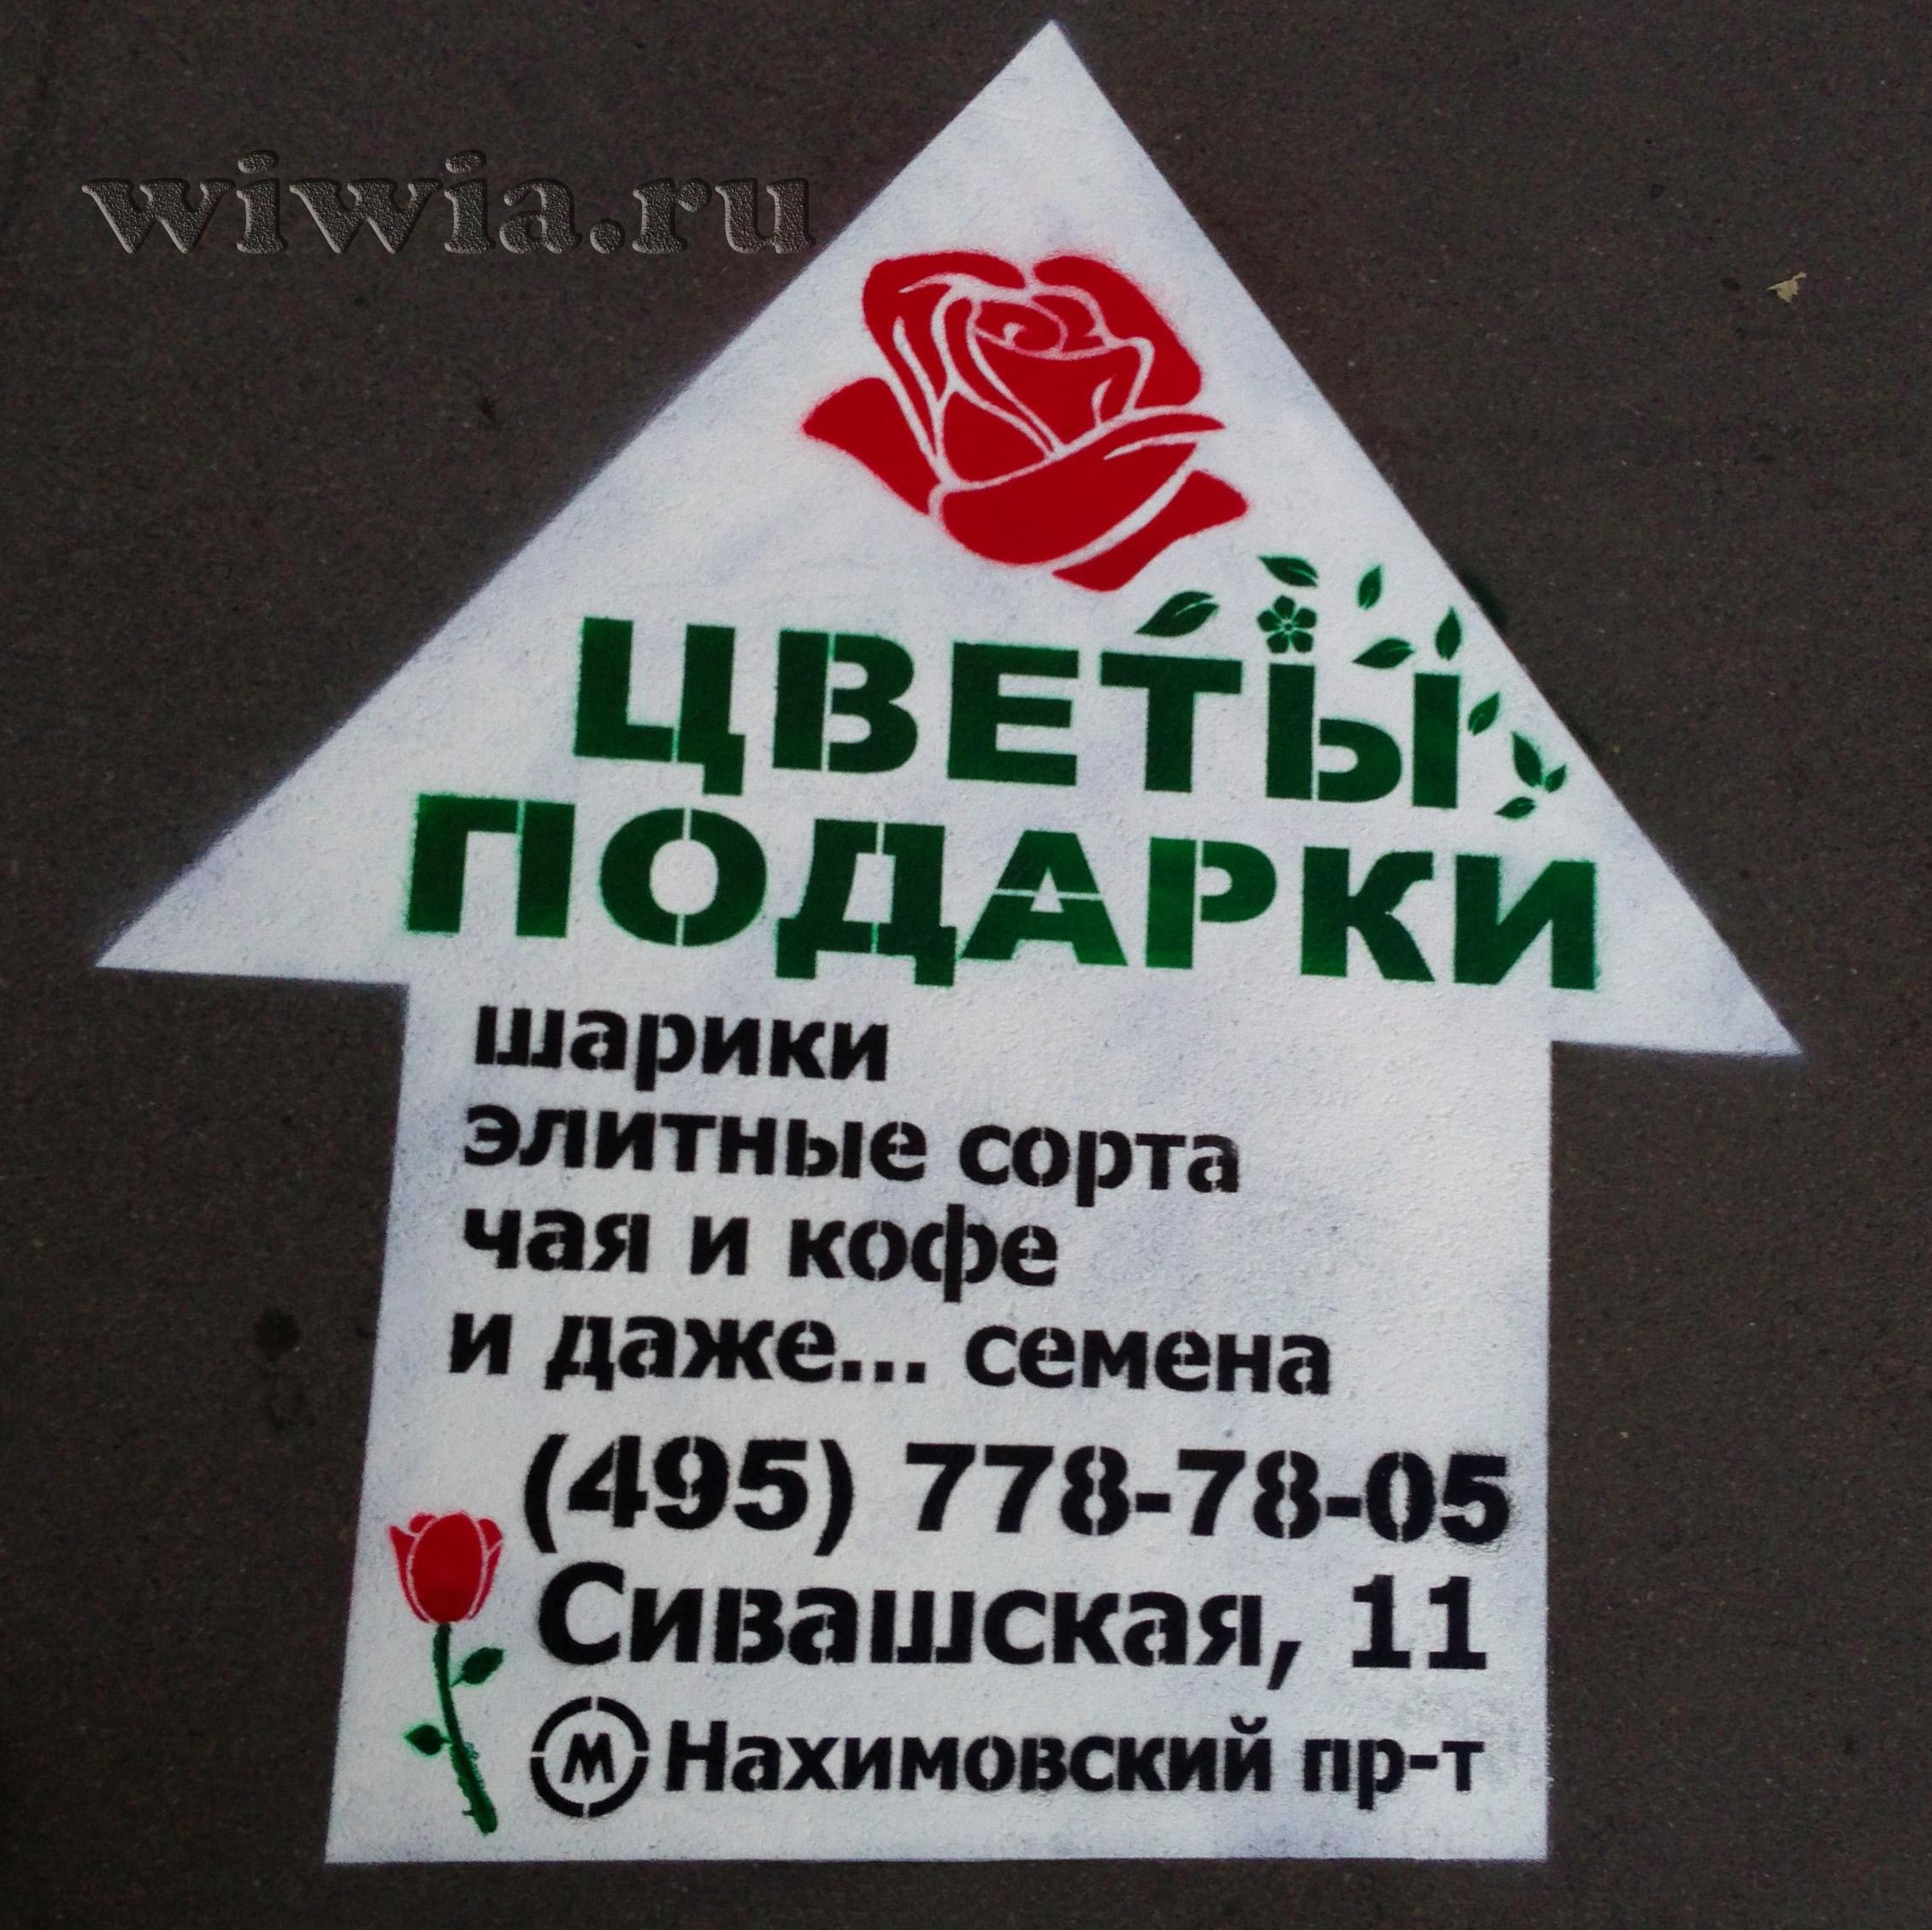 Реклама на асфальте. Цветы.